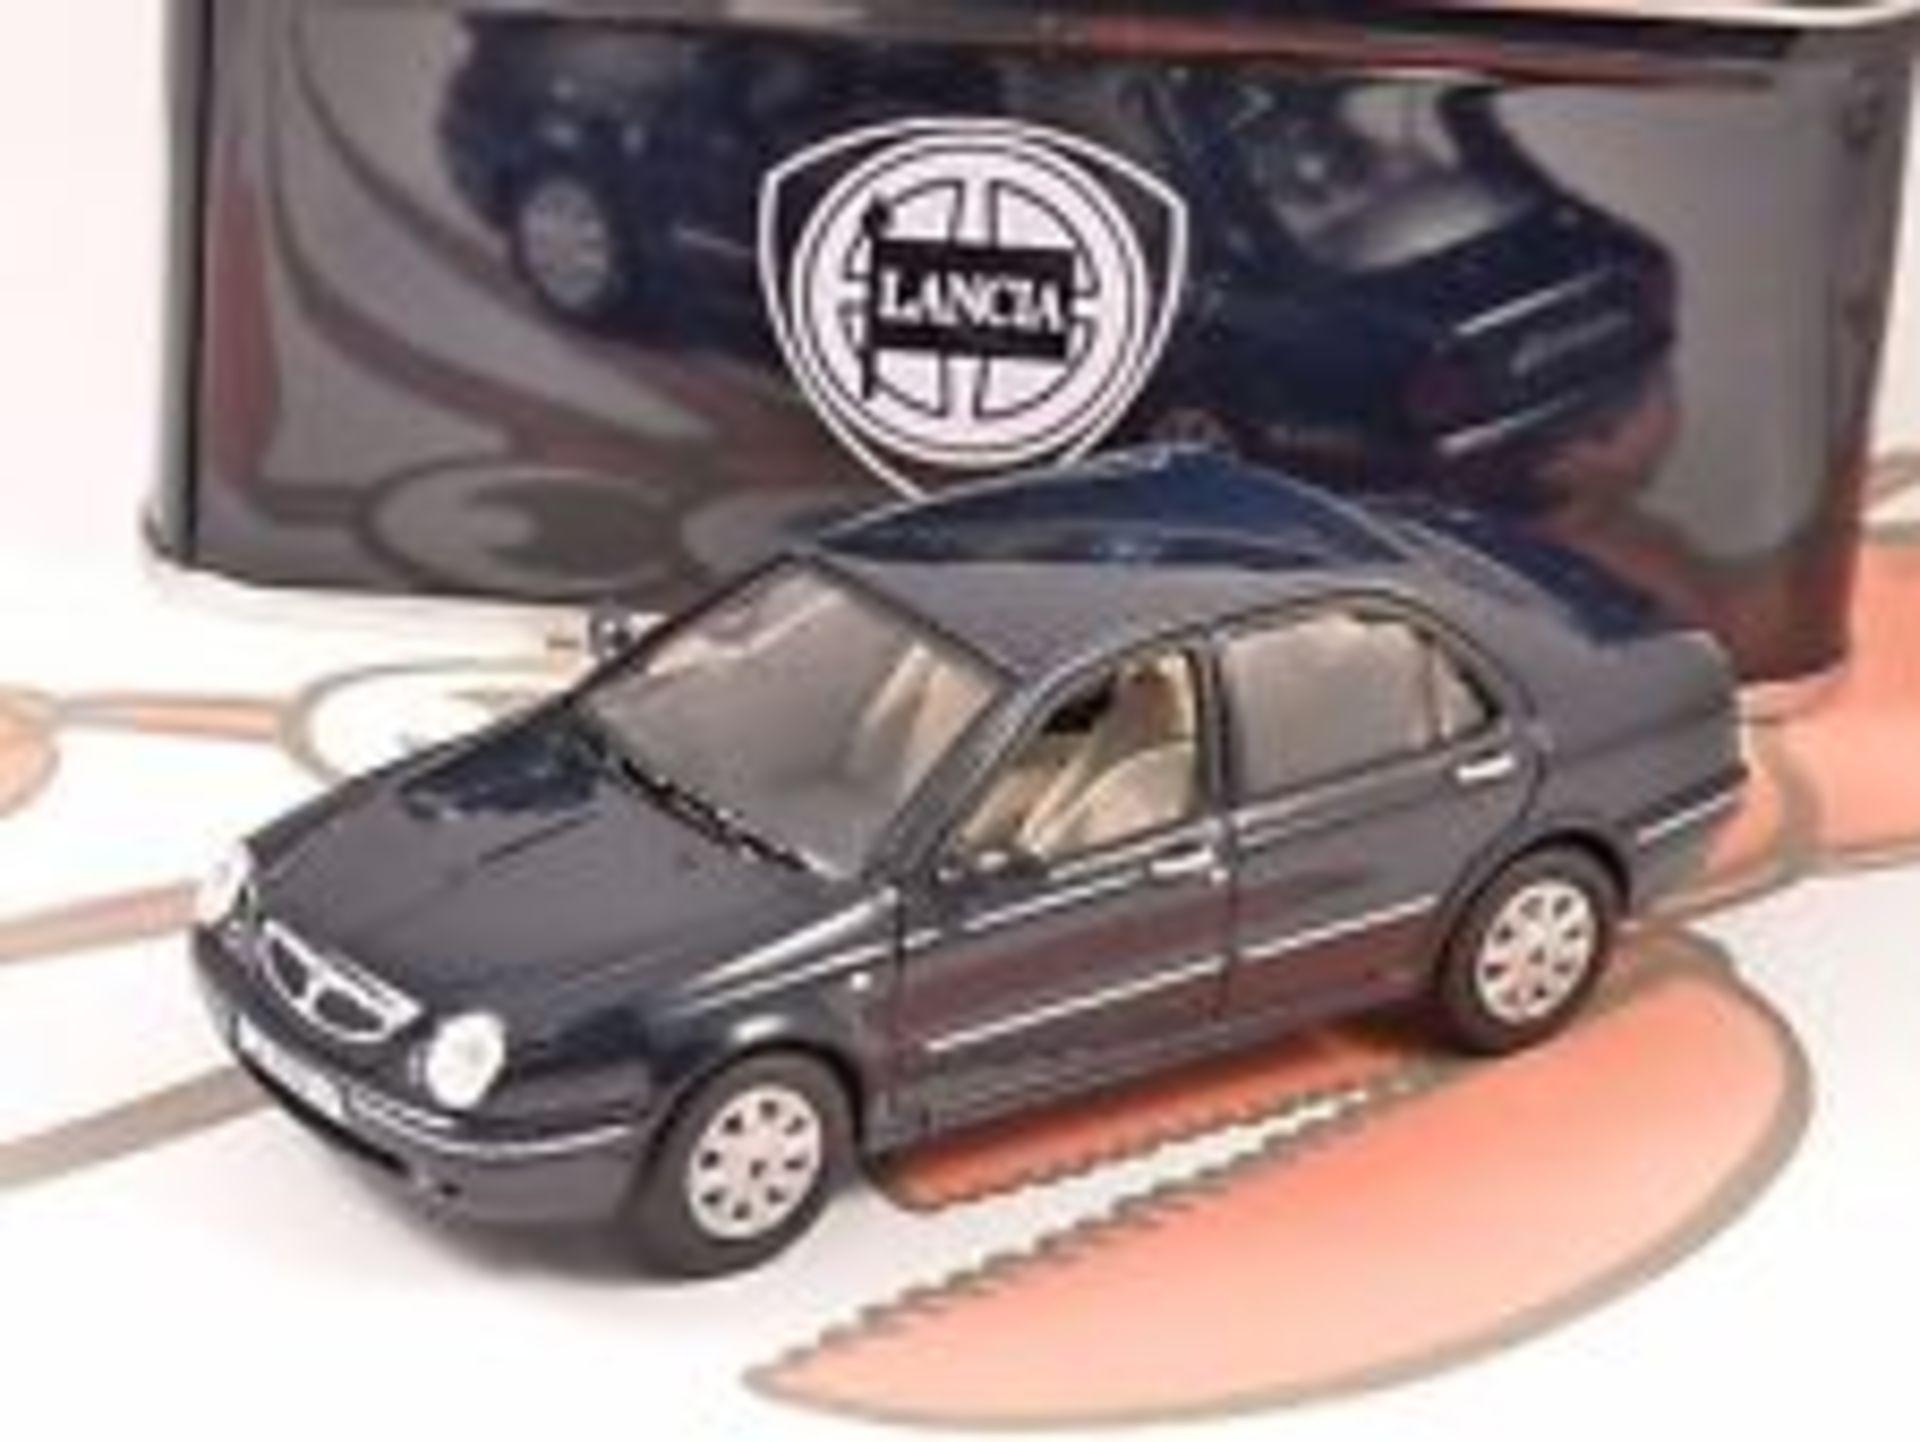 V Brand New 1/48 Die Cast 1999 Lancia Lybra - eBay Price £14.99